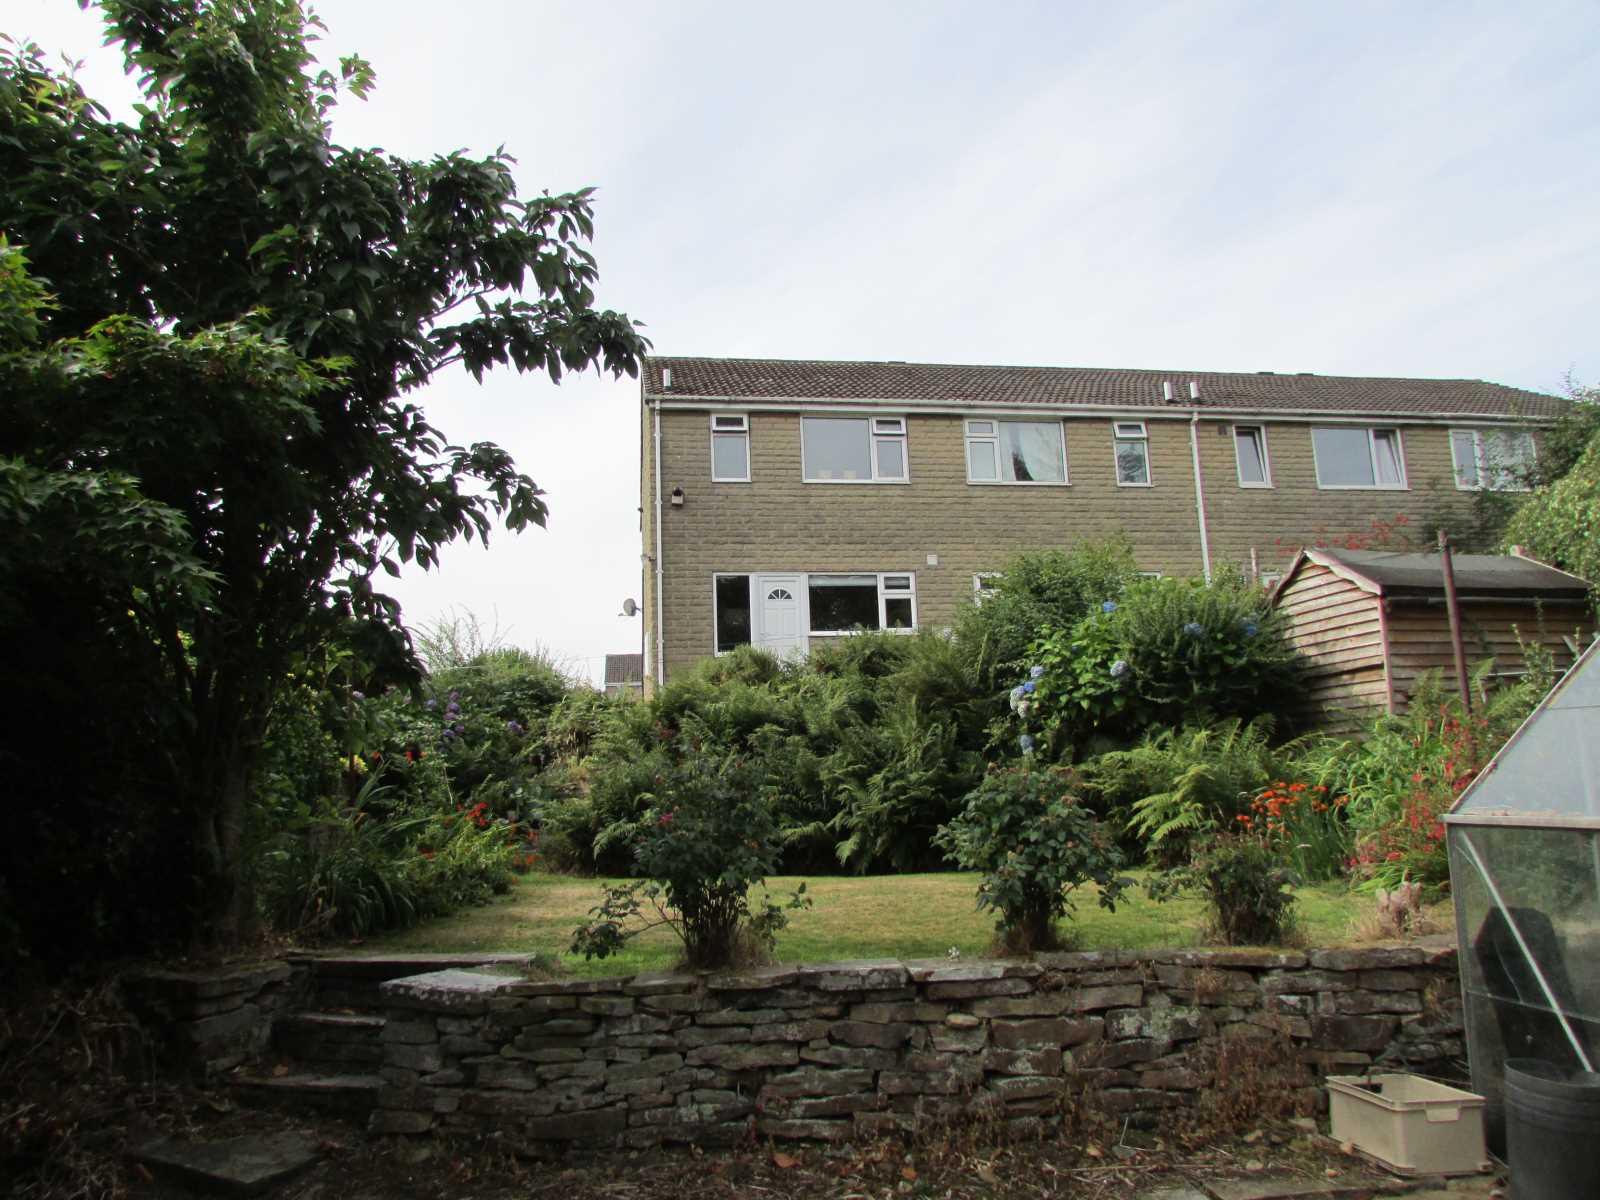 1 Broomhill Close Scholes, Holmfirth, HD9 1TX